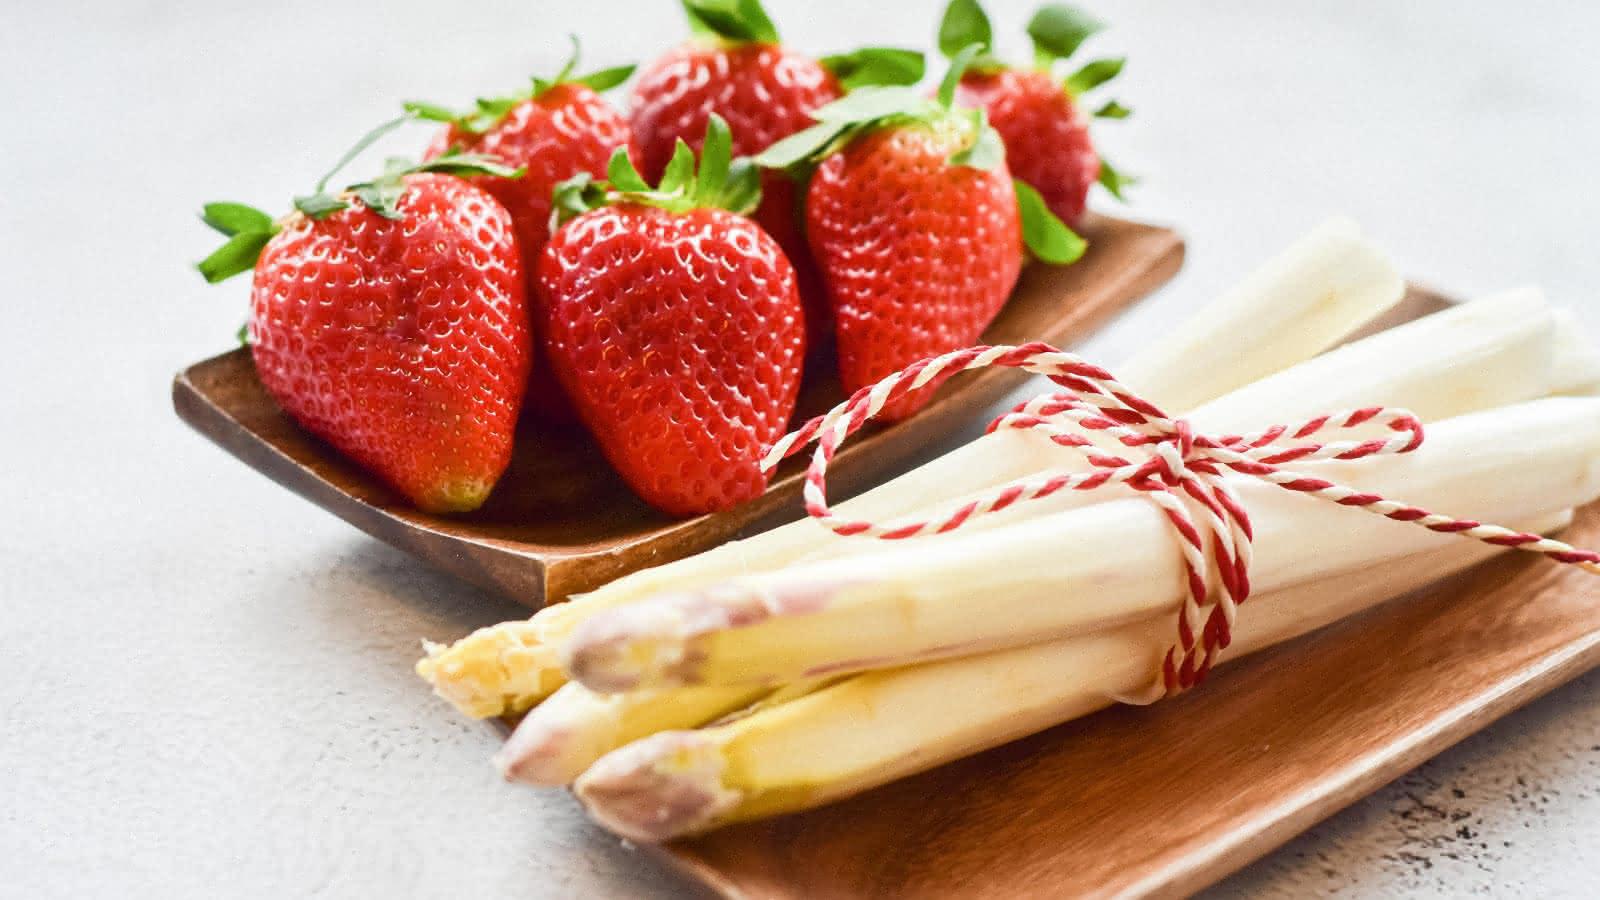 Fruits et légumes ©Image par RitaE de Pixabay